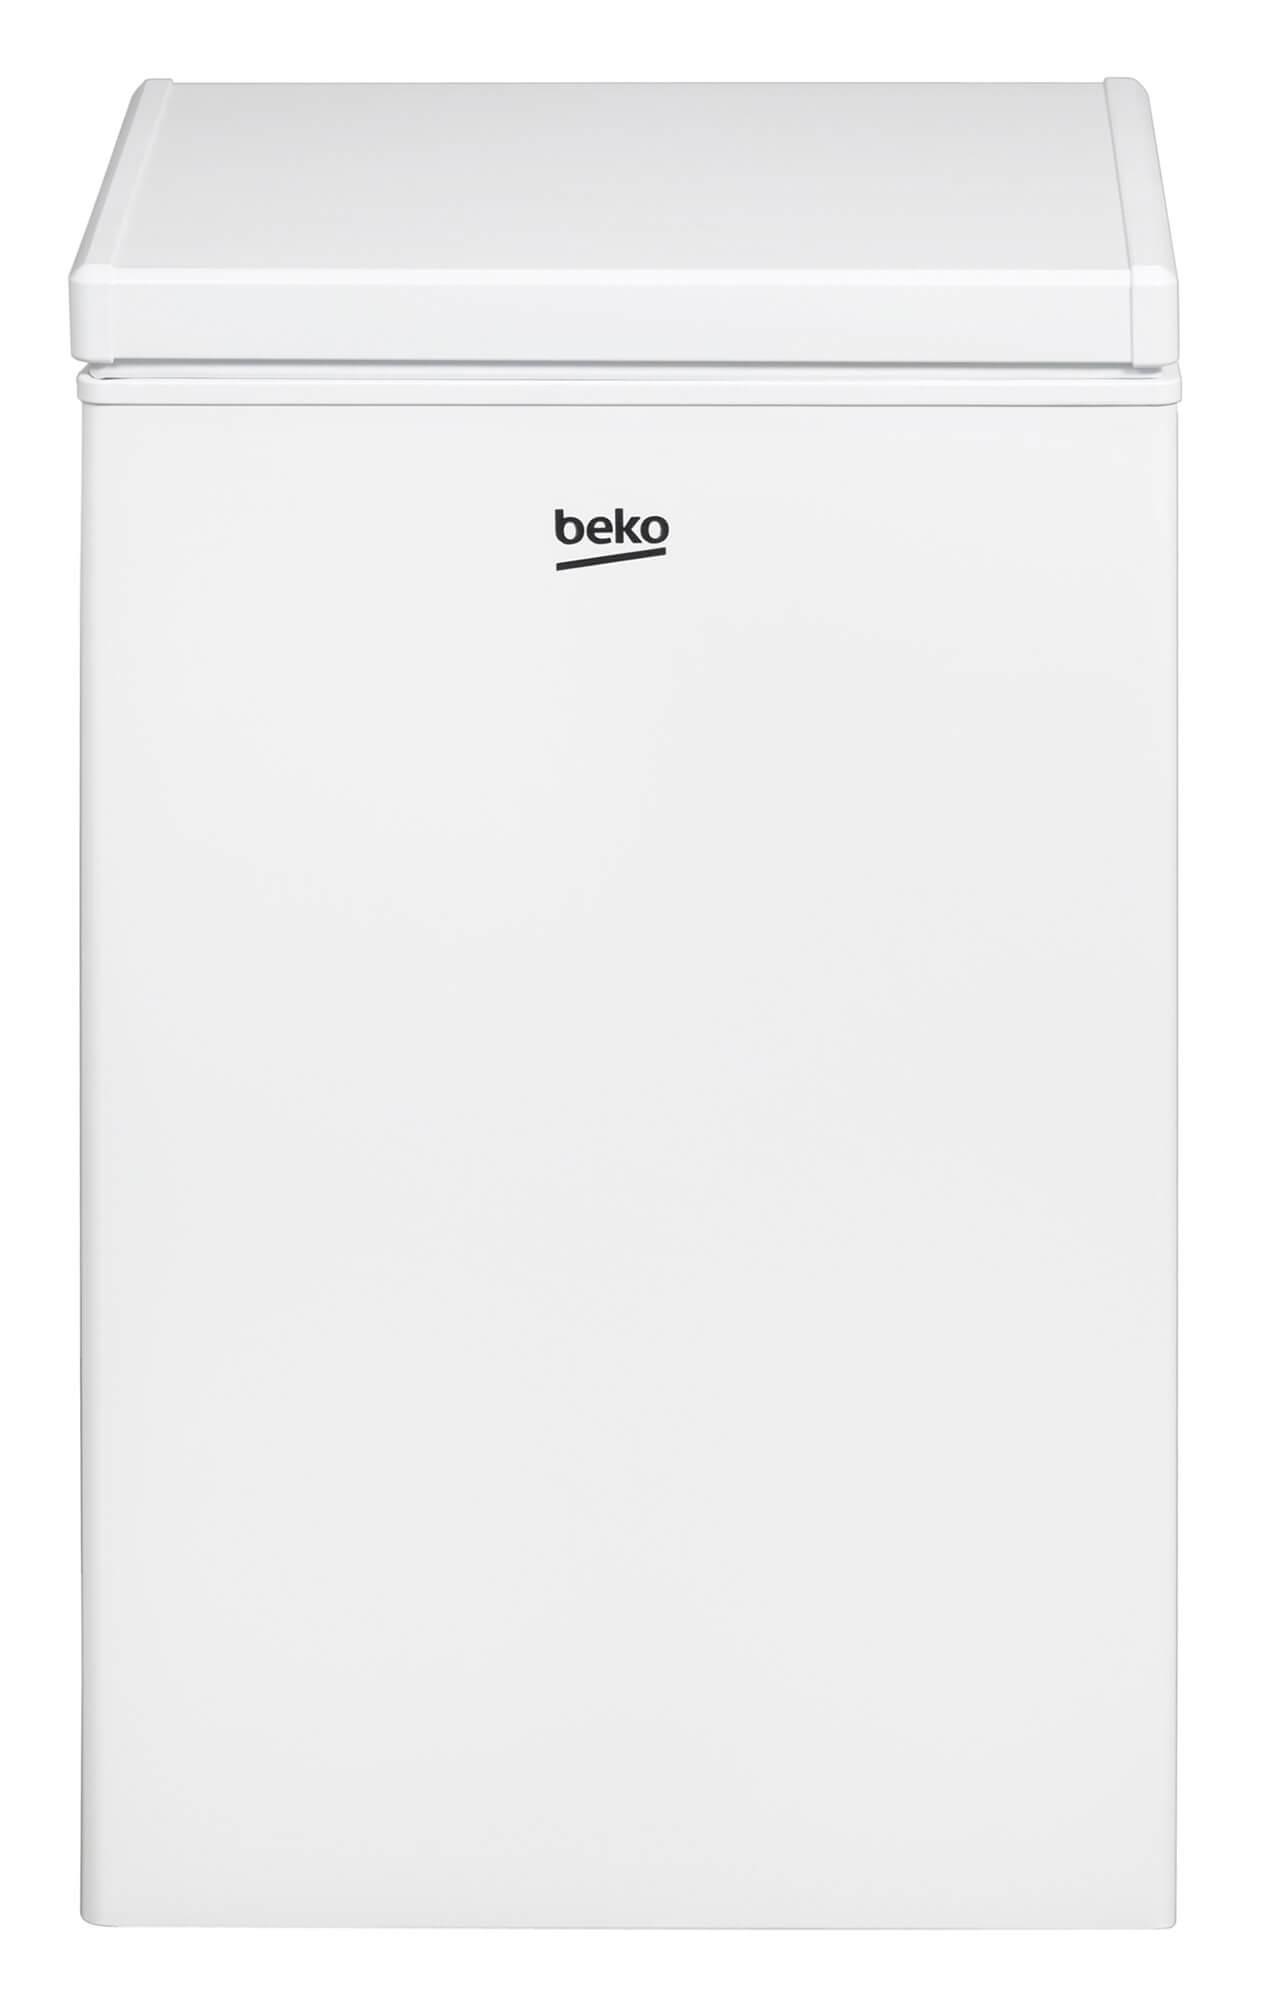 Lada frigorifica Beko HS210520